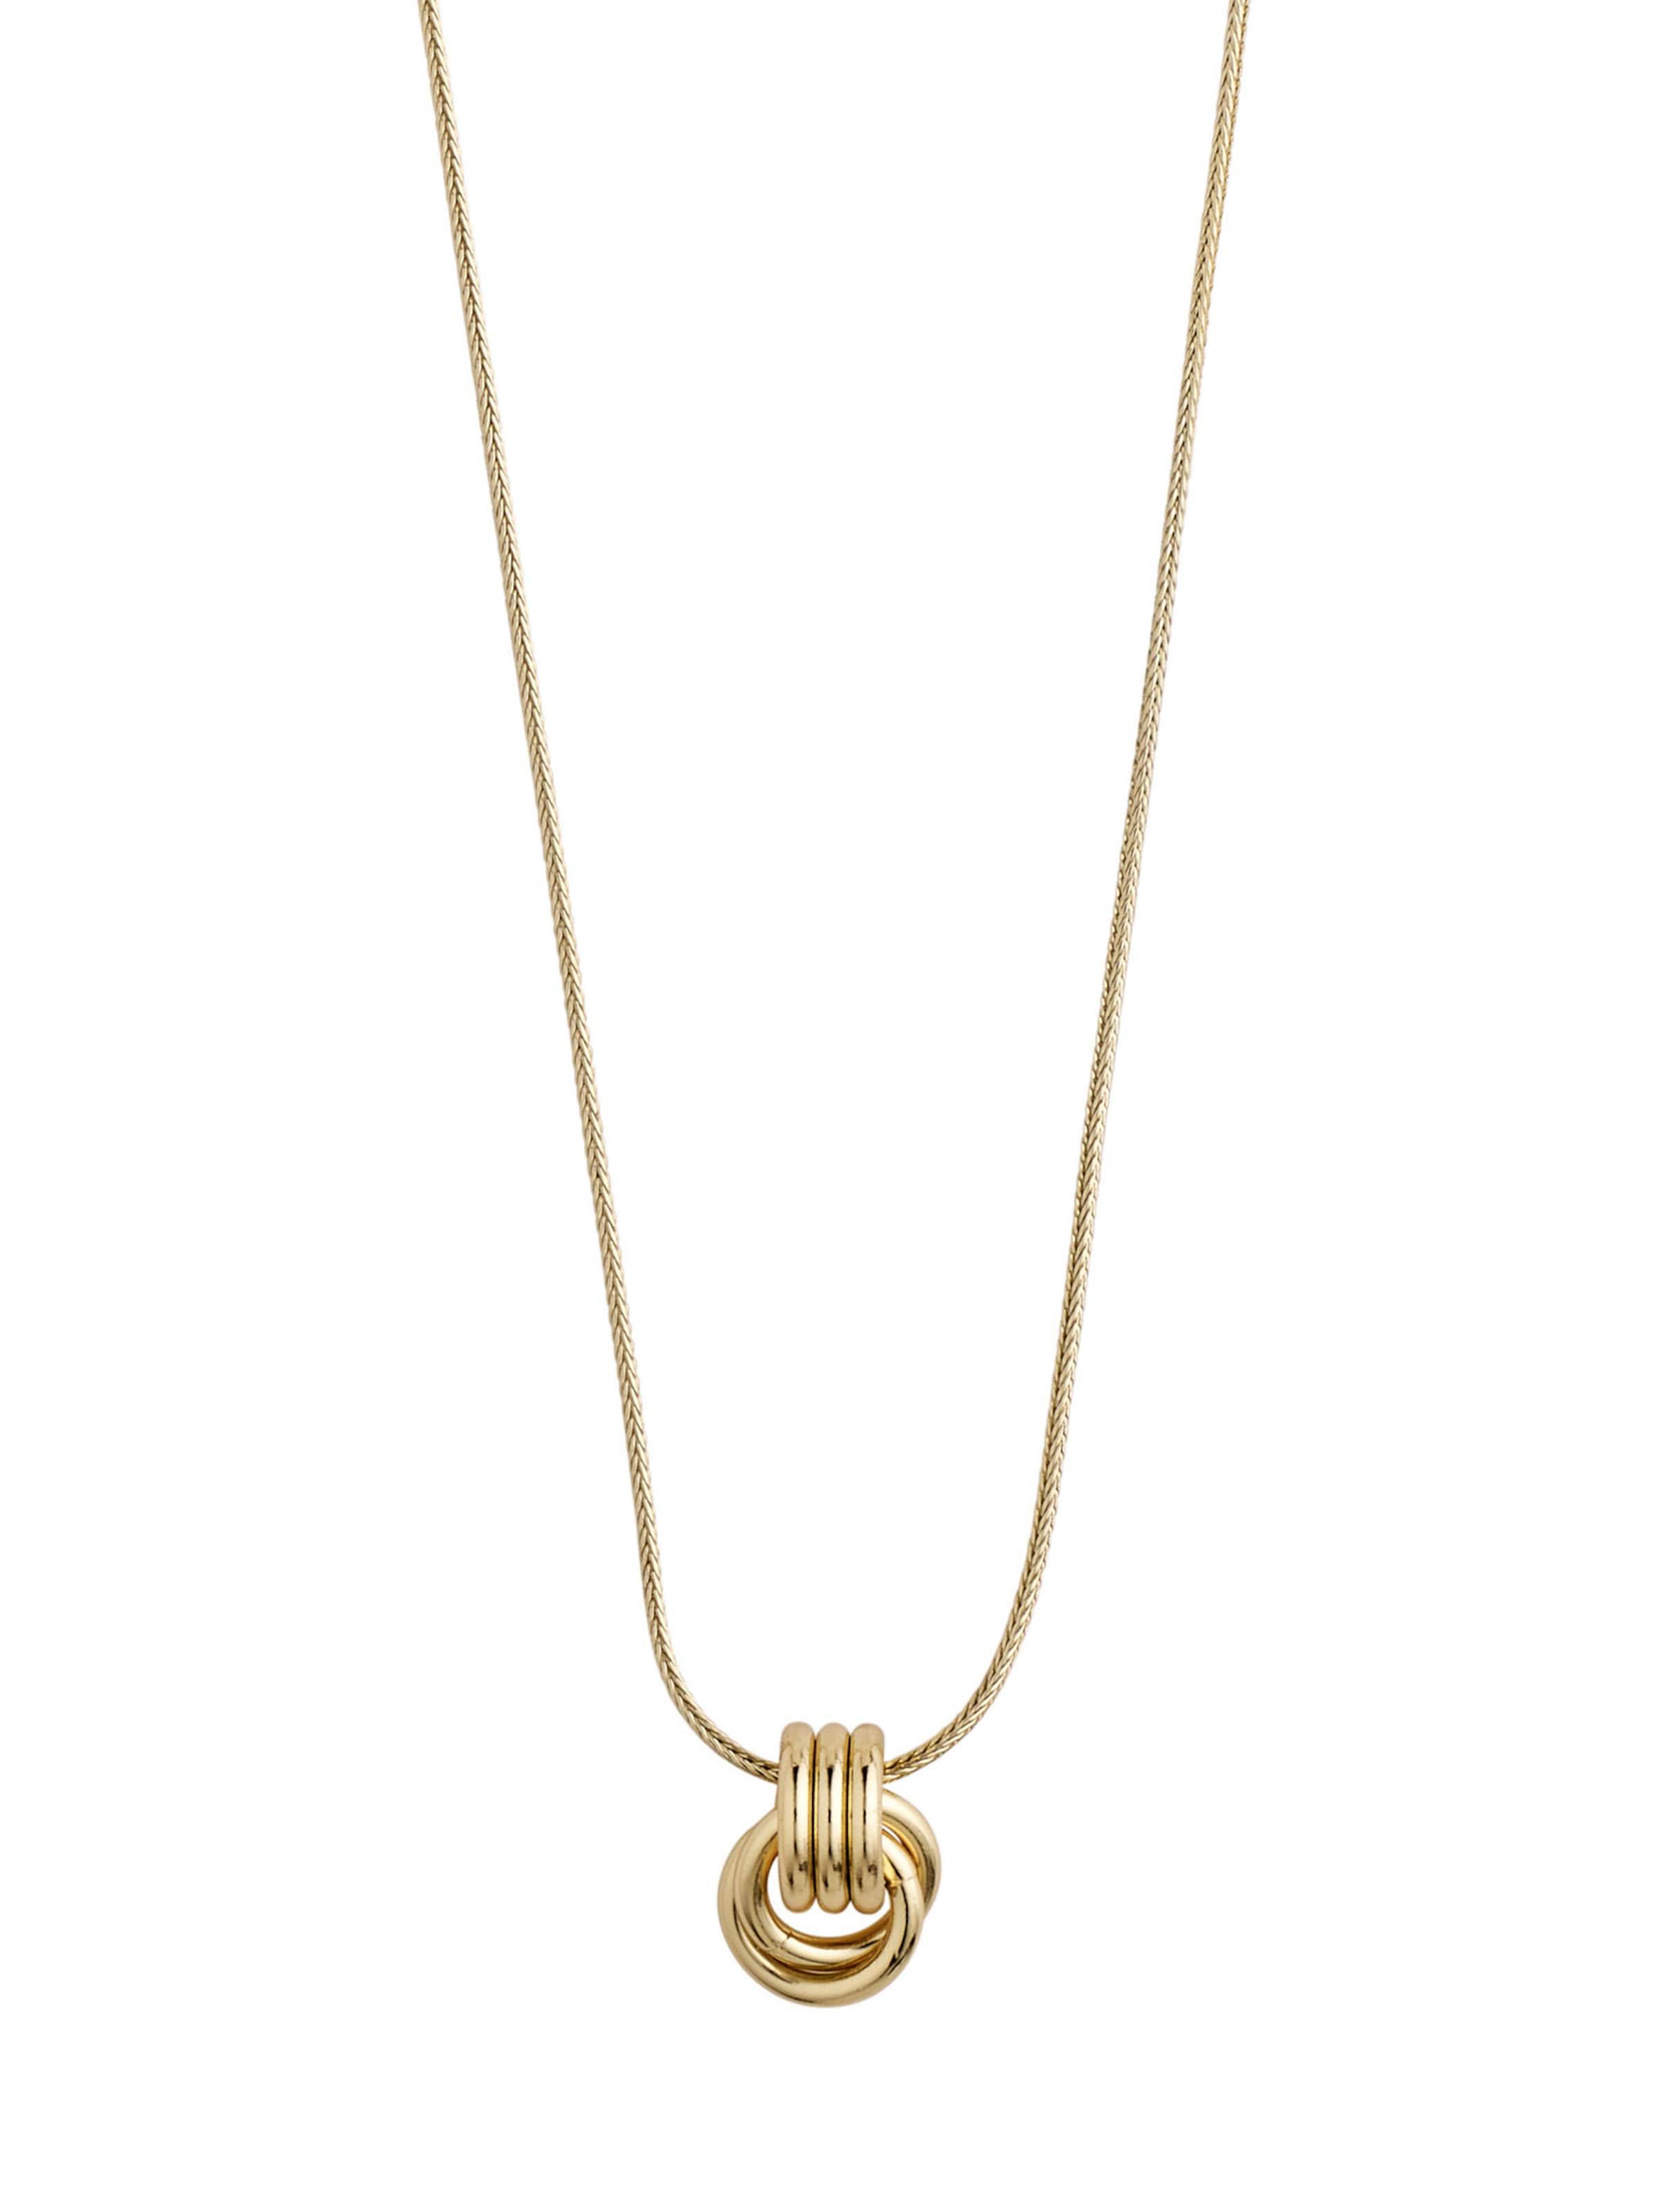 Pilgrim Lánc 'Doris' arany színben